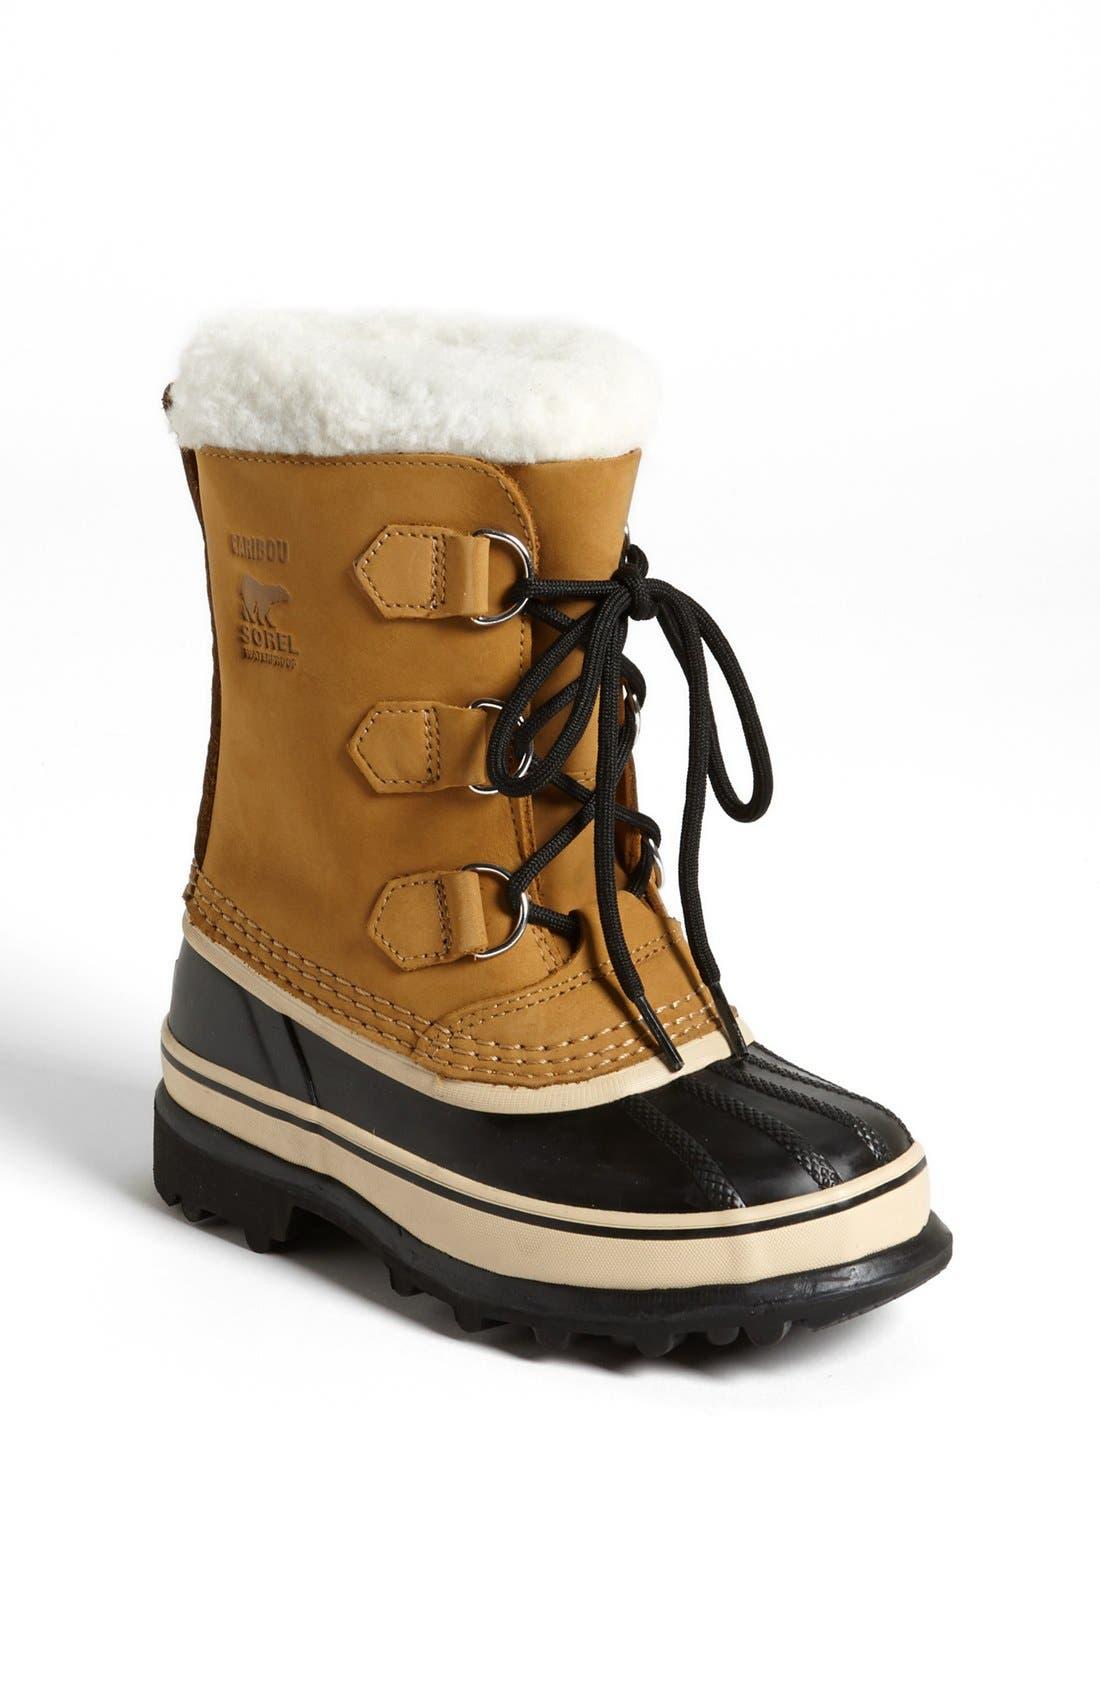 Alternate Image 1 Selected - SOREL Caribou Waterproof Boot (Little Kid & Big Kid)